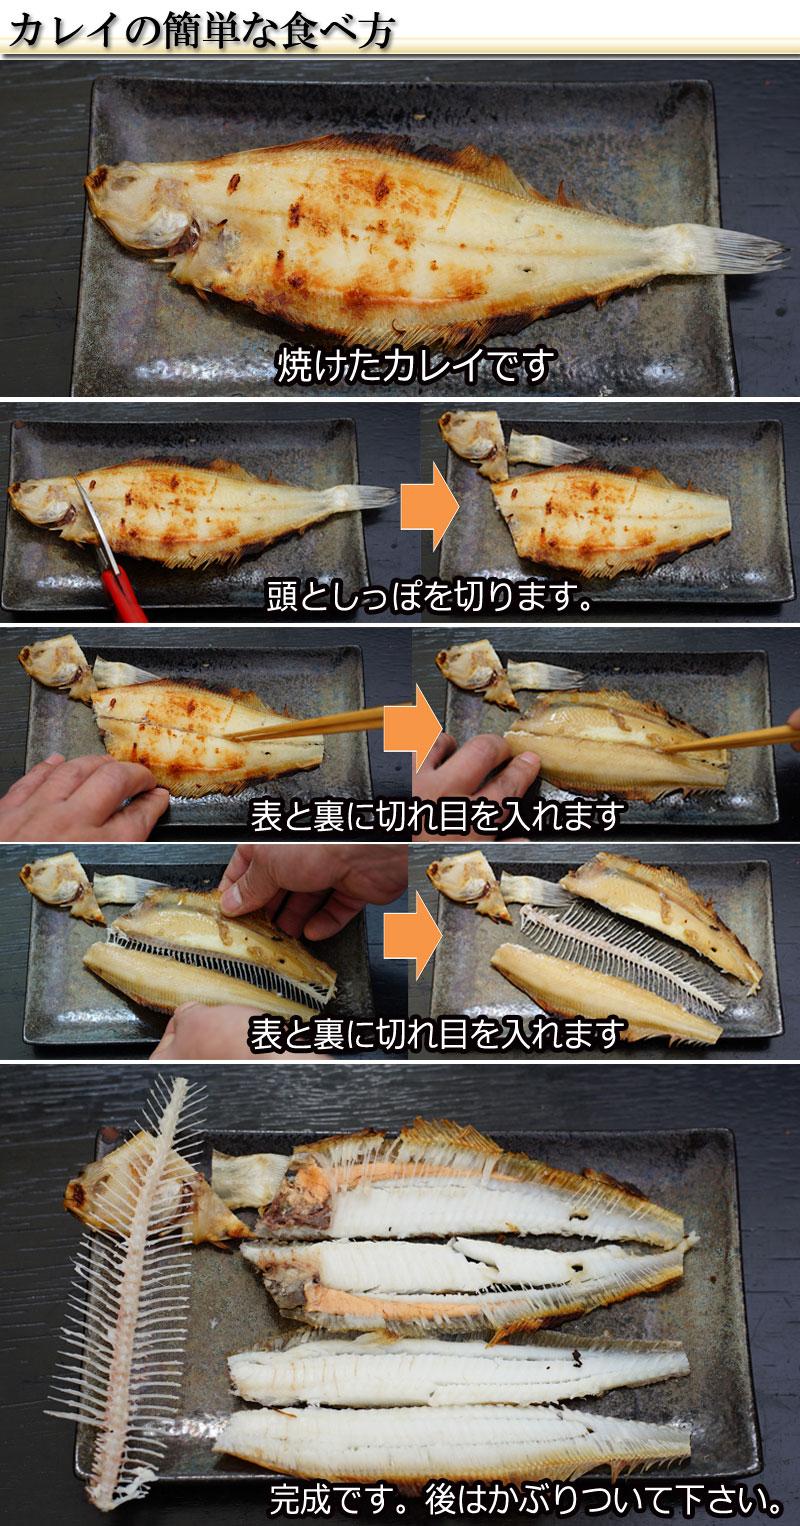 笹かれいの食べ方